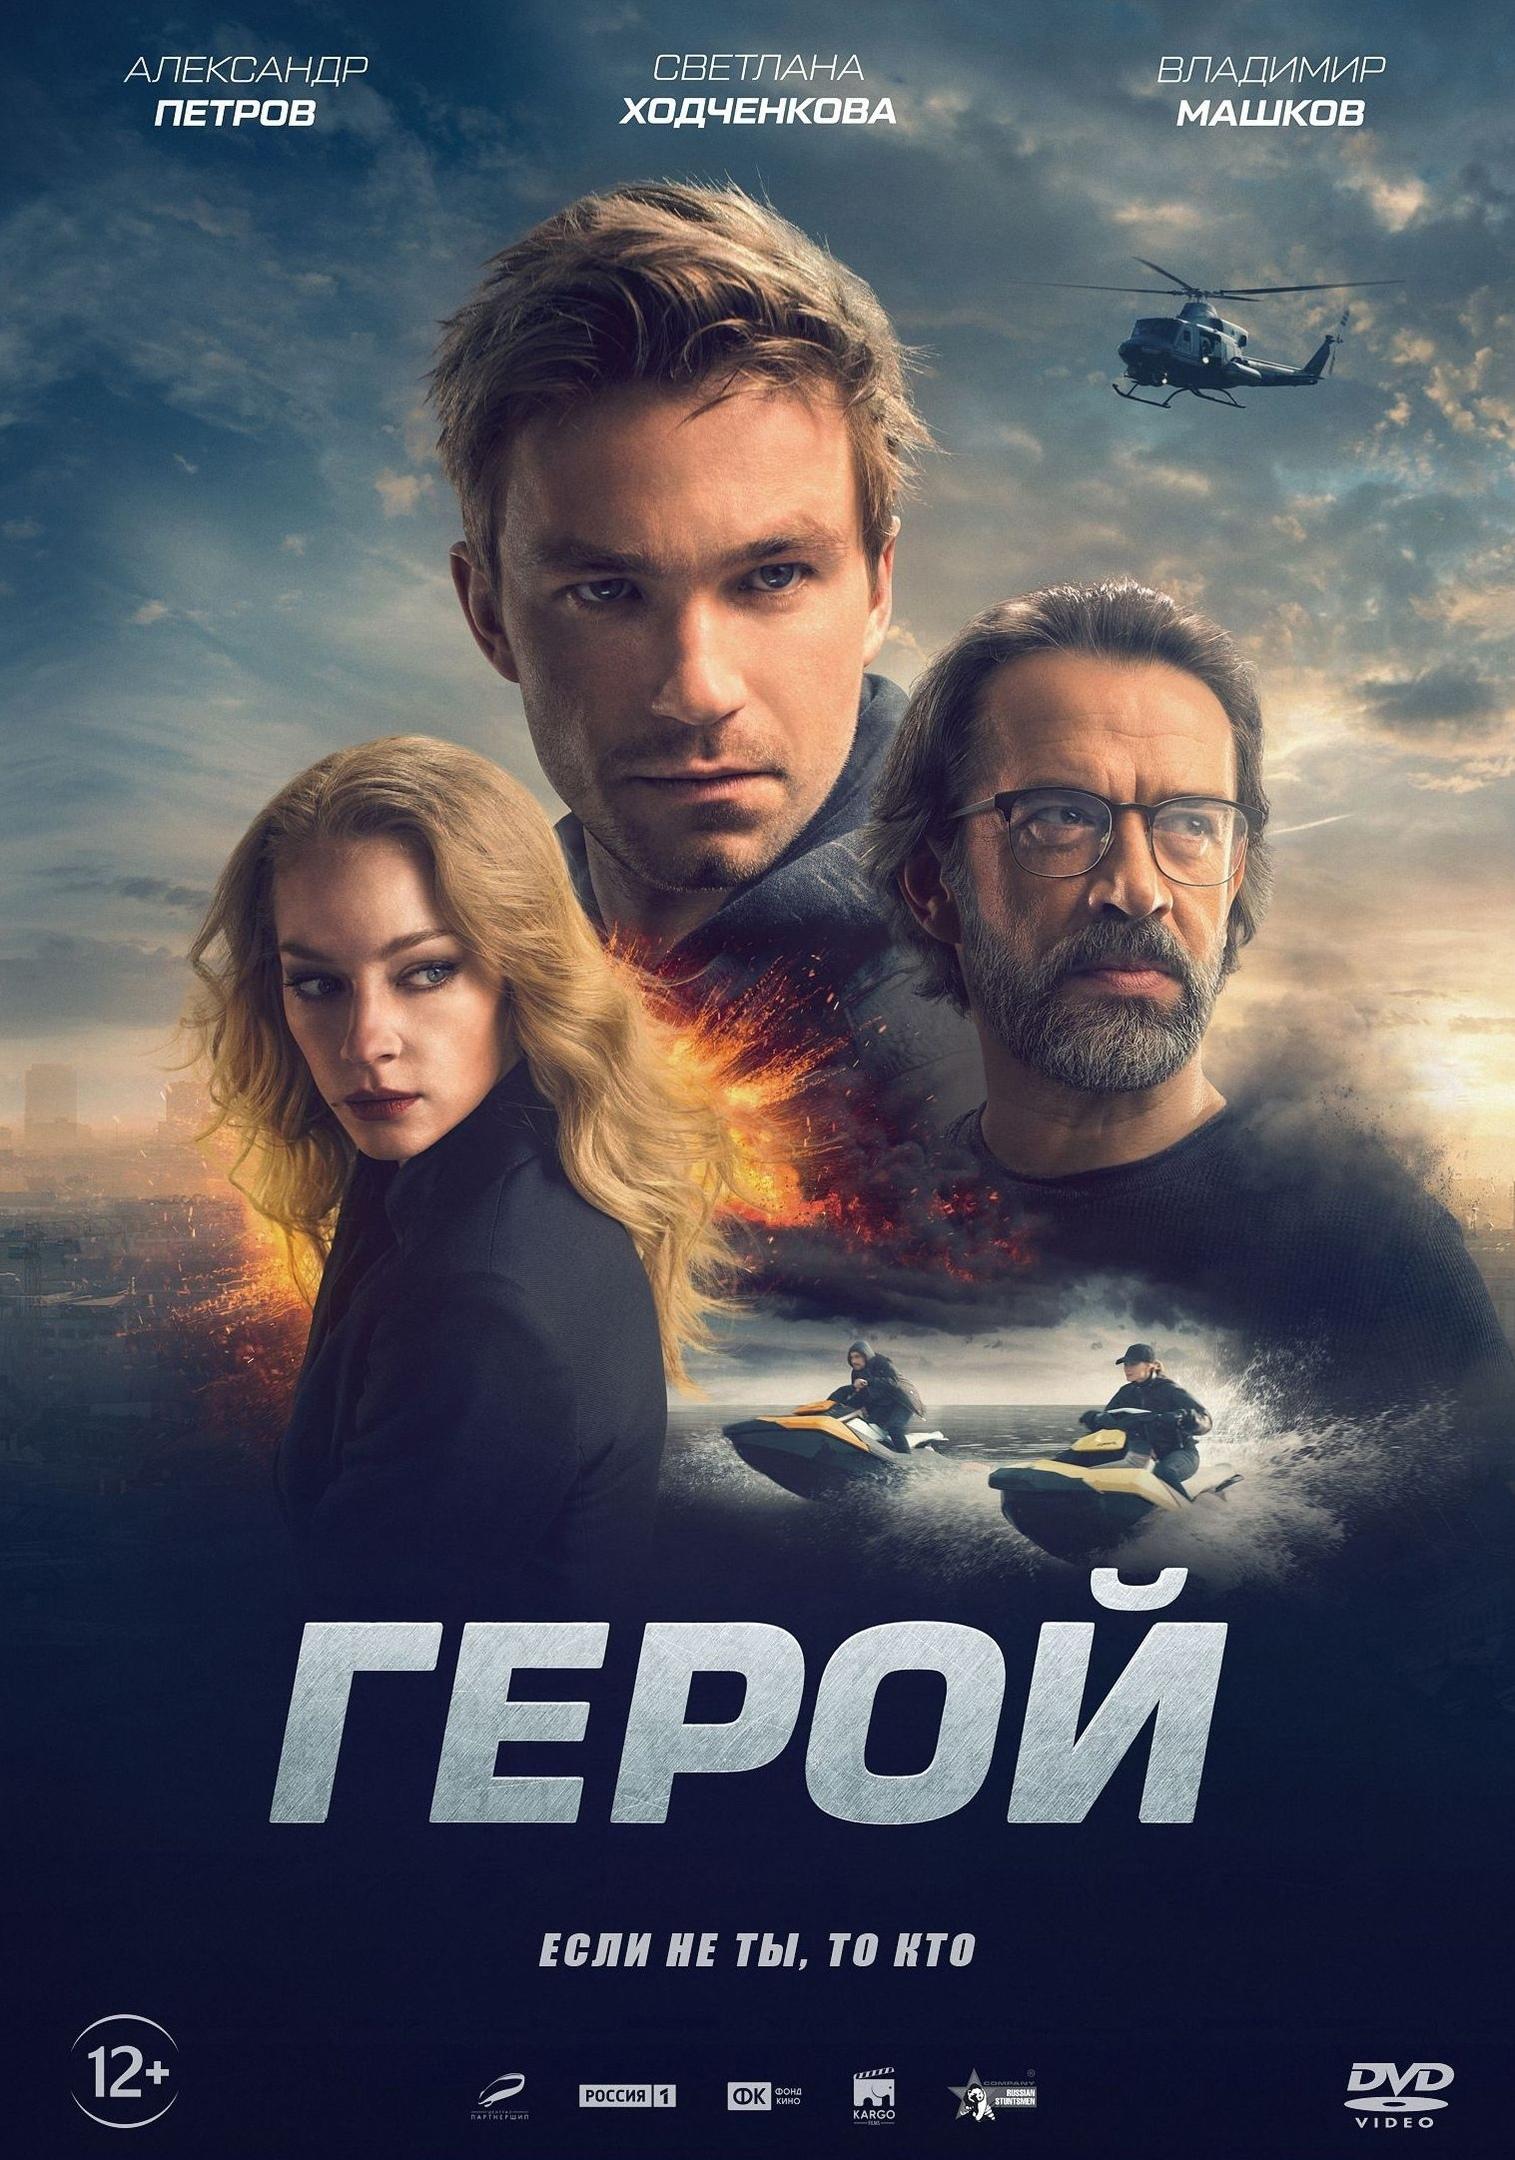 Шпионский фильм «Γeрοй» (2019) HD